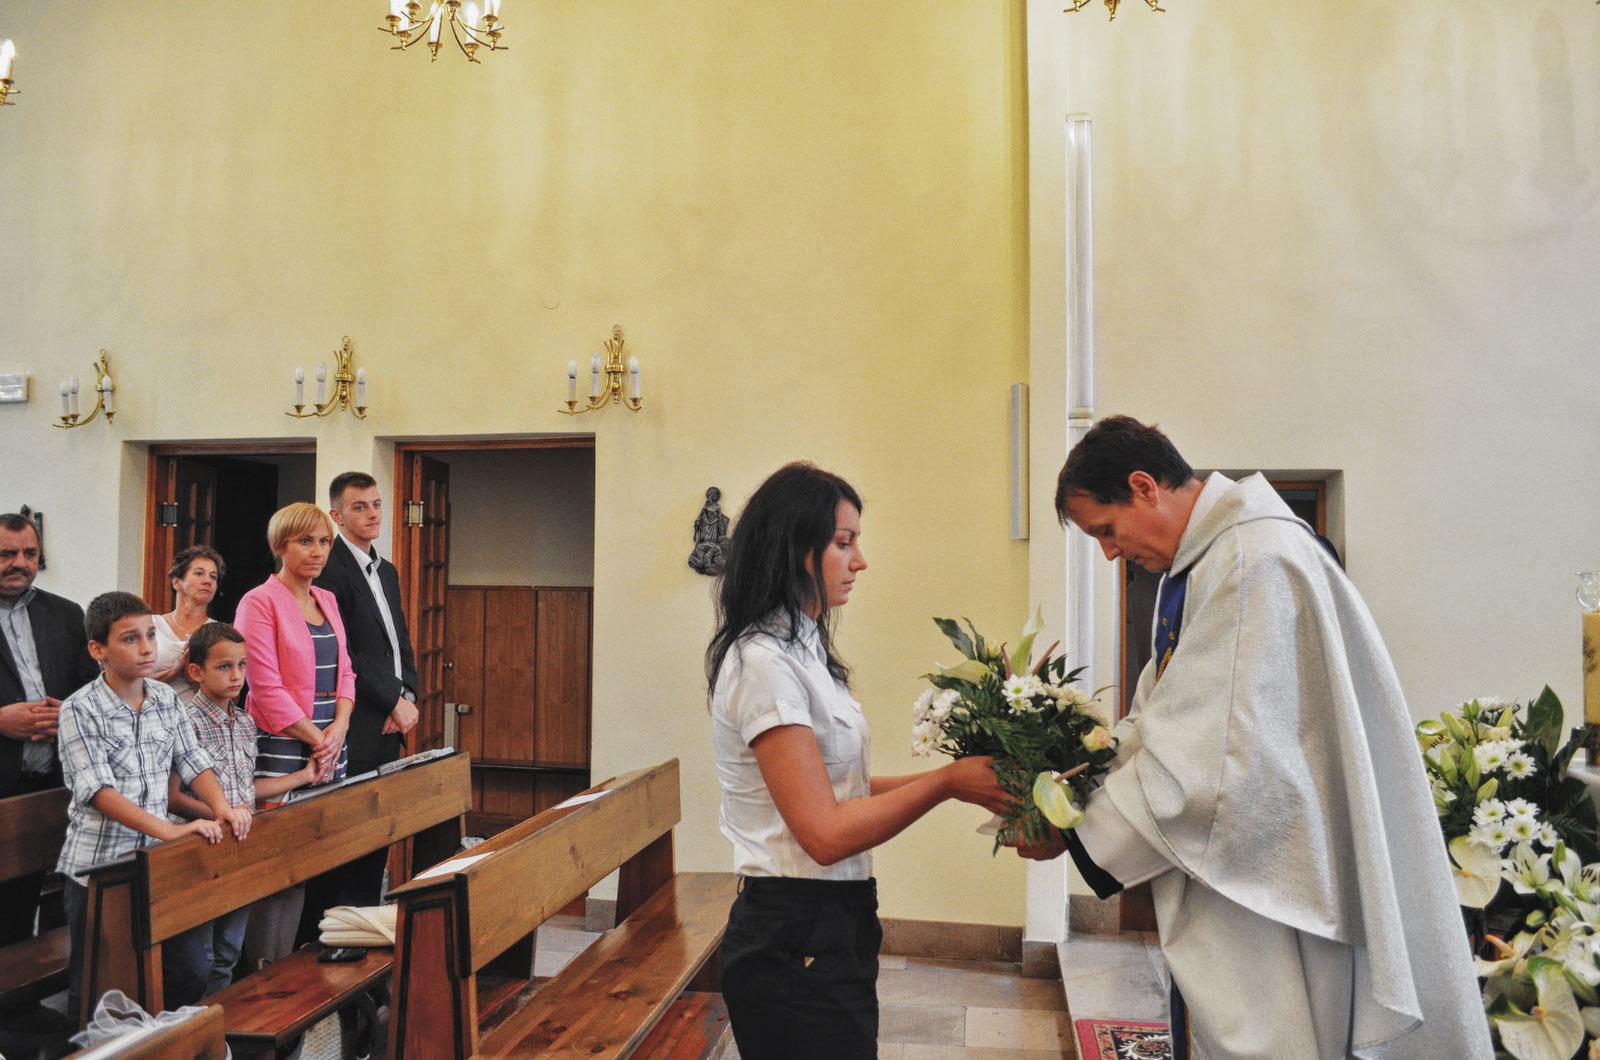 Sióstr_św_Elżbiety-Pierwsze_Śluby_fotorelacja-I-SLUBY-DSC_0583-min.jpg